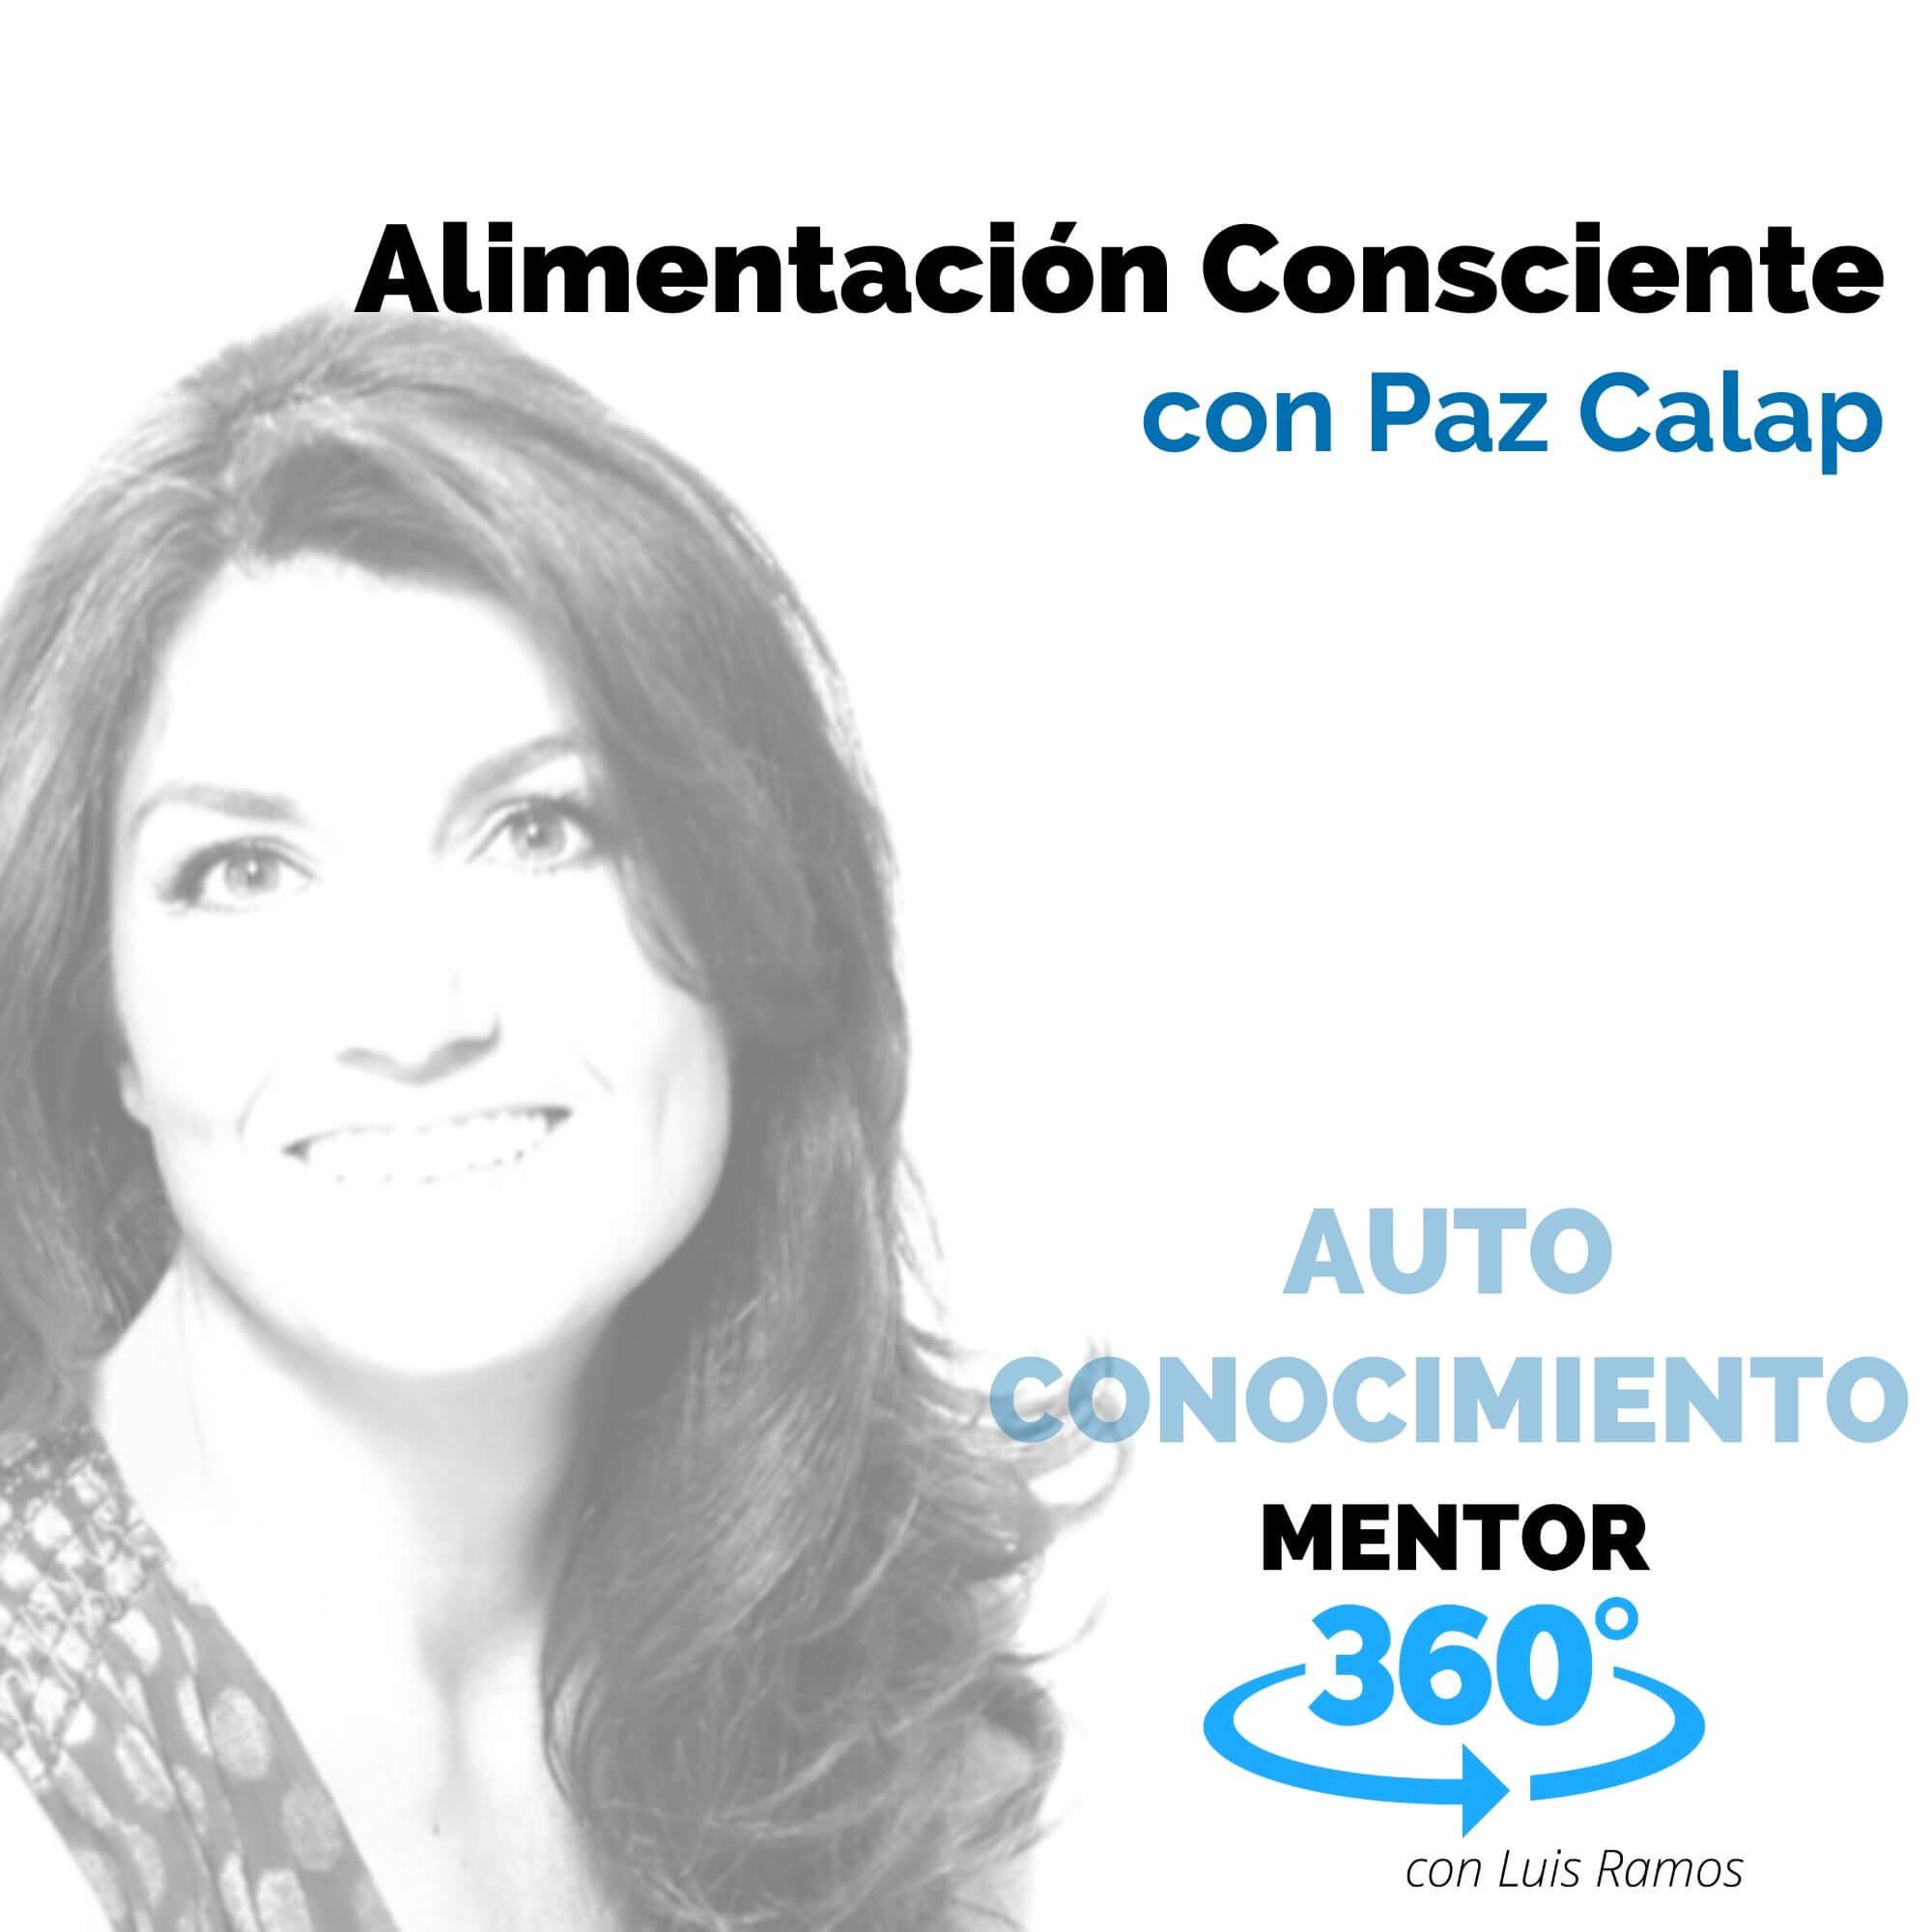 Alimentación Consciente, con Paz Calap - MENTOR360